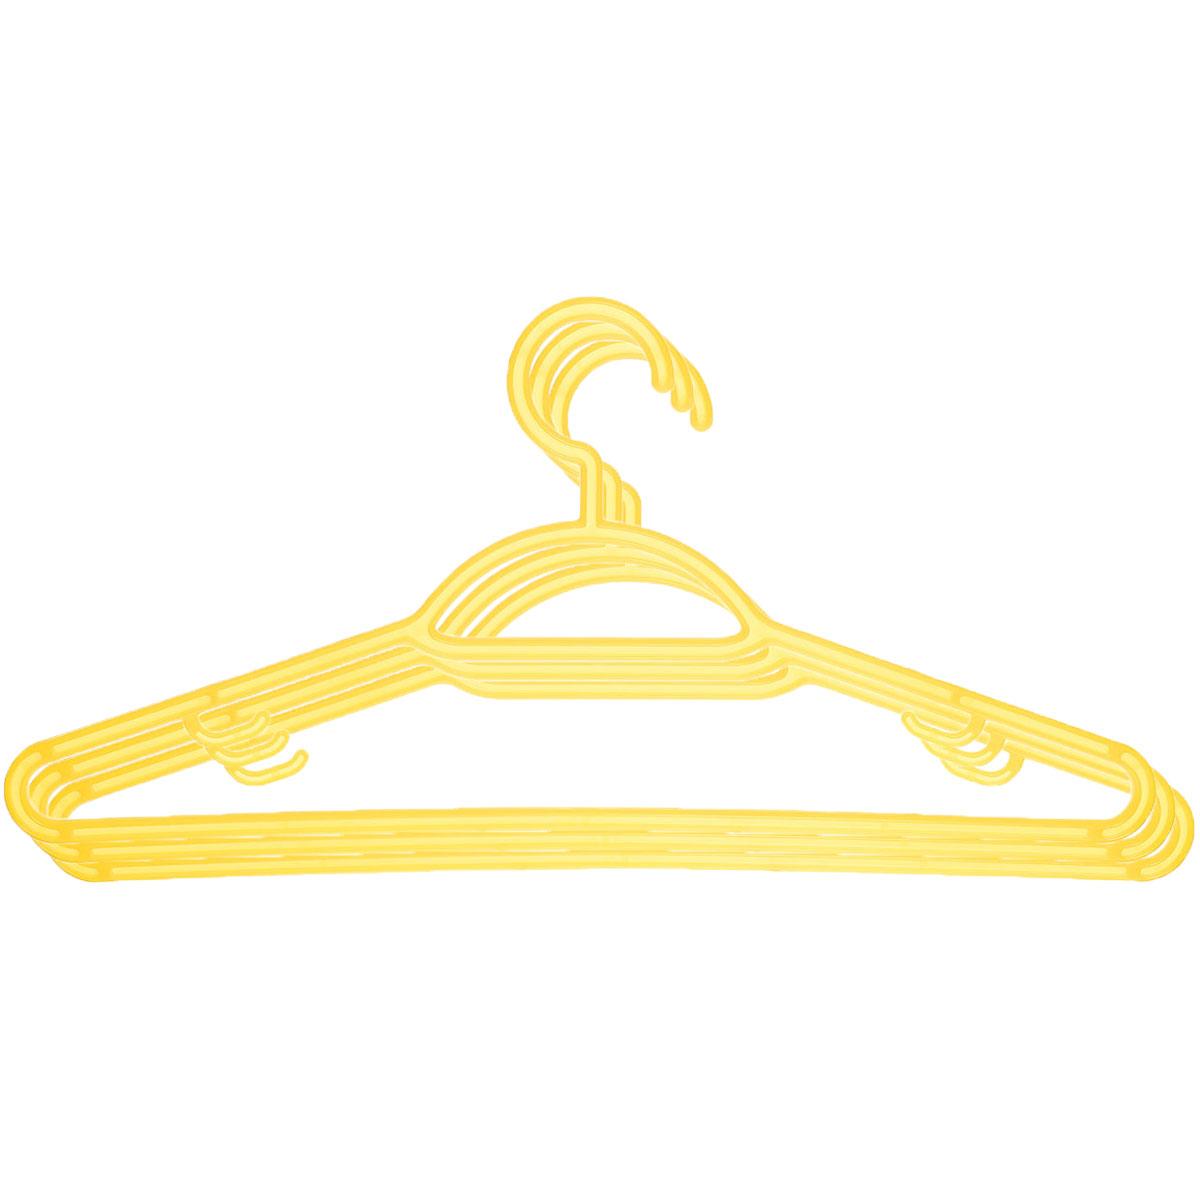 Набор вешалок Econova, с перекладиной, с крючками, цвет: желтый, размер 48, 3 шт. С12356С12356_желтыйНабор Econova, выполненный из прочного пластика, состоит из 3 вешалок. Каждое изделие оснащено перекладиной и боковыми крючками. Вешалка - это незаменимая вещь для того, чтобы ваша одежда всегда оставалась в хорошем состоянии. Комплектация: 3 шт. Размер одежды: 48.